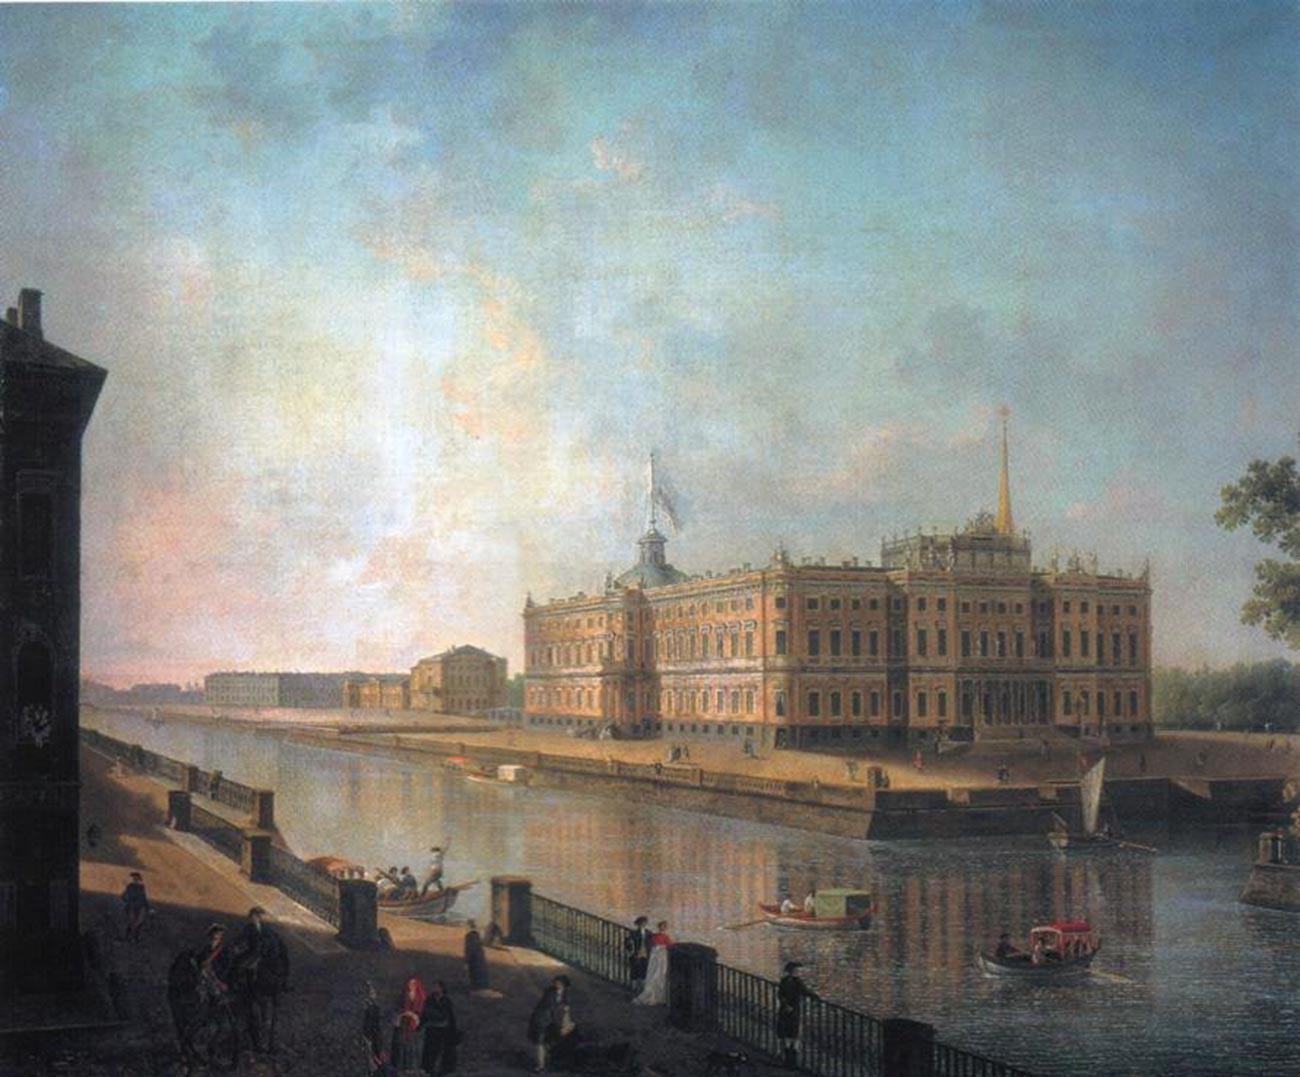 Vue sur le château Saint-Michel depuis la rivière Fontanka, 1800